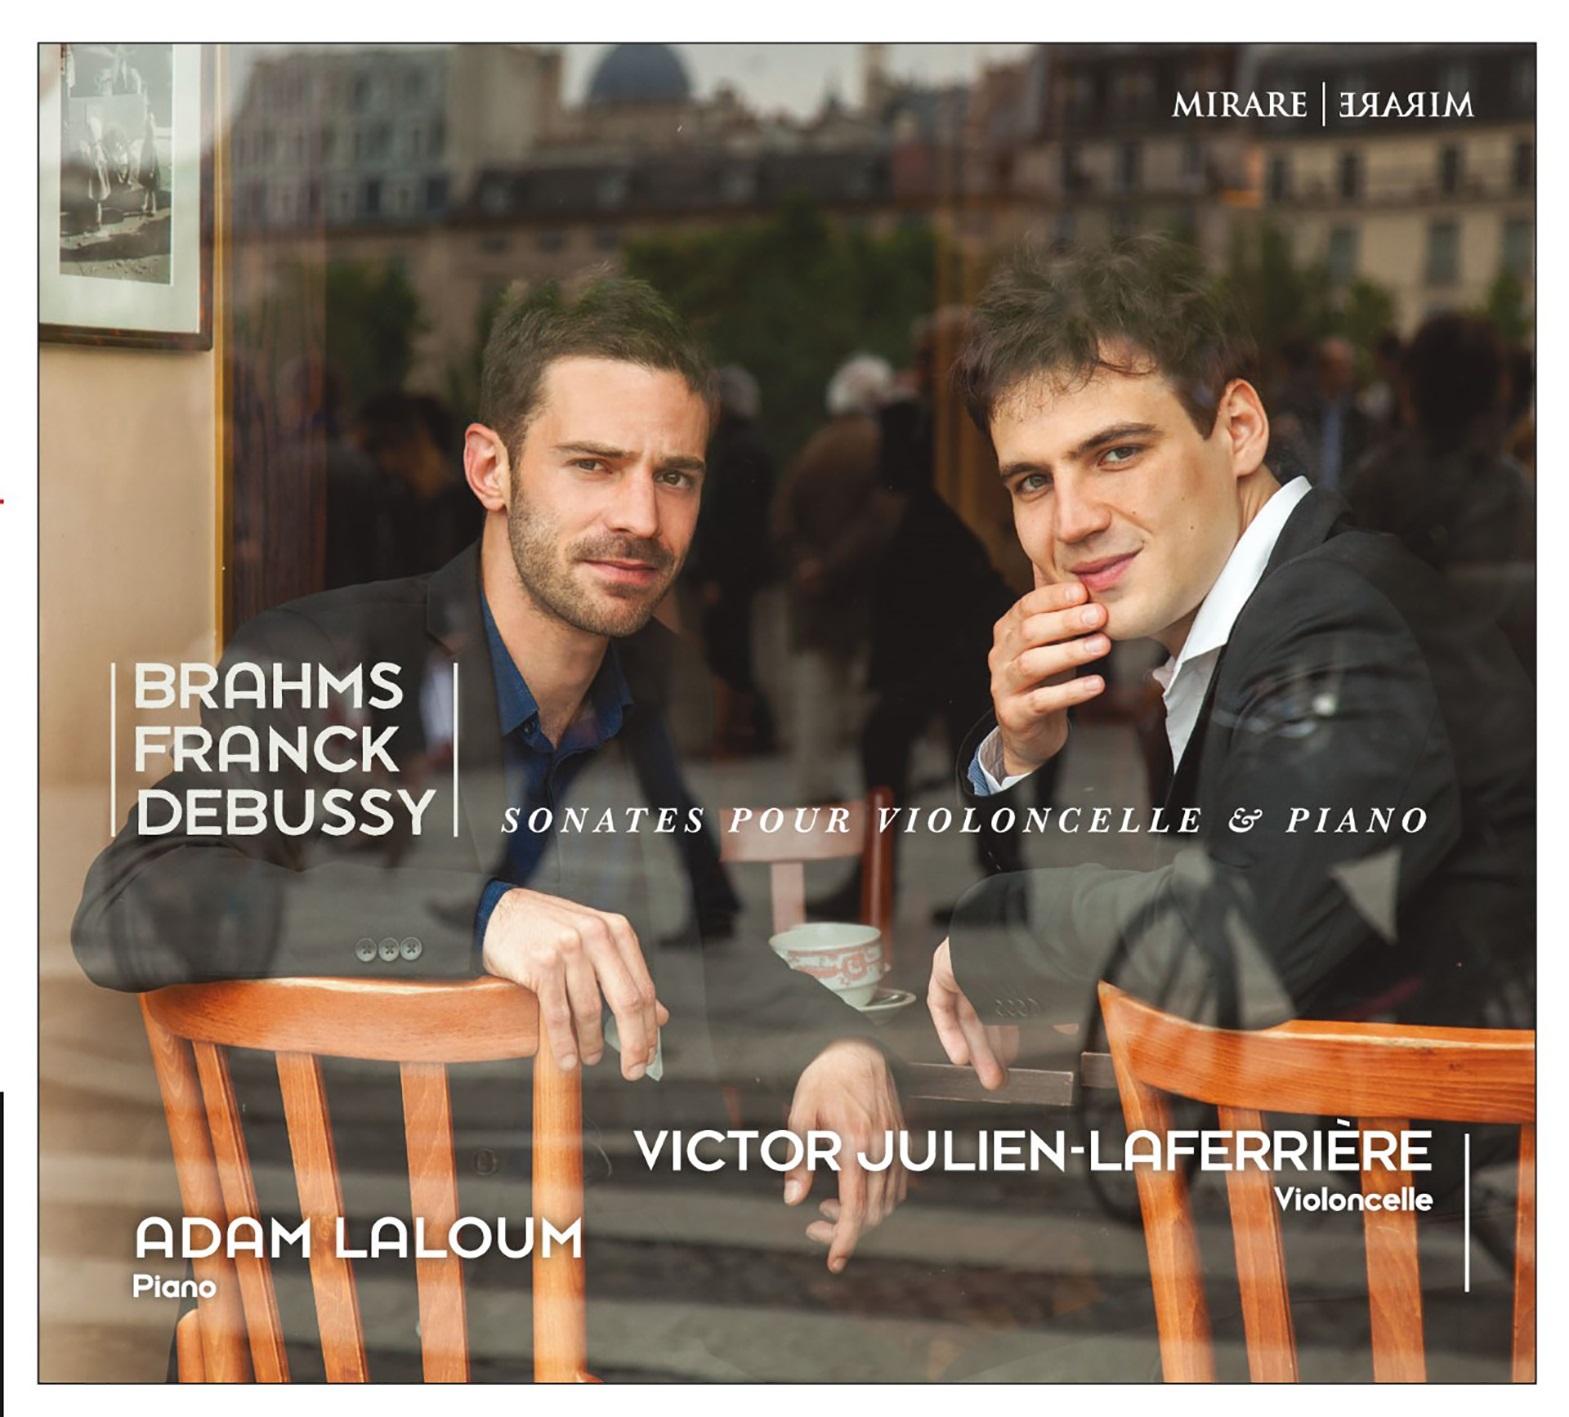 Sonates pour violoncelle & piano Johannes Brahms, Claude Debussy, César Franck, comp. Victor Julien-Lafferrière, violoncelle Adam Laloum, piano